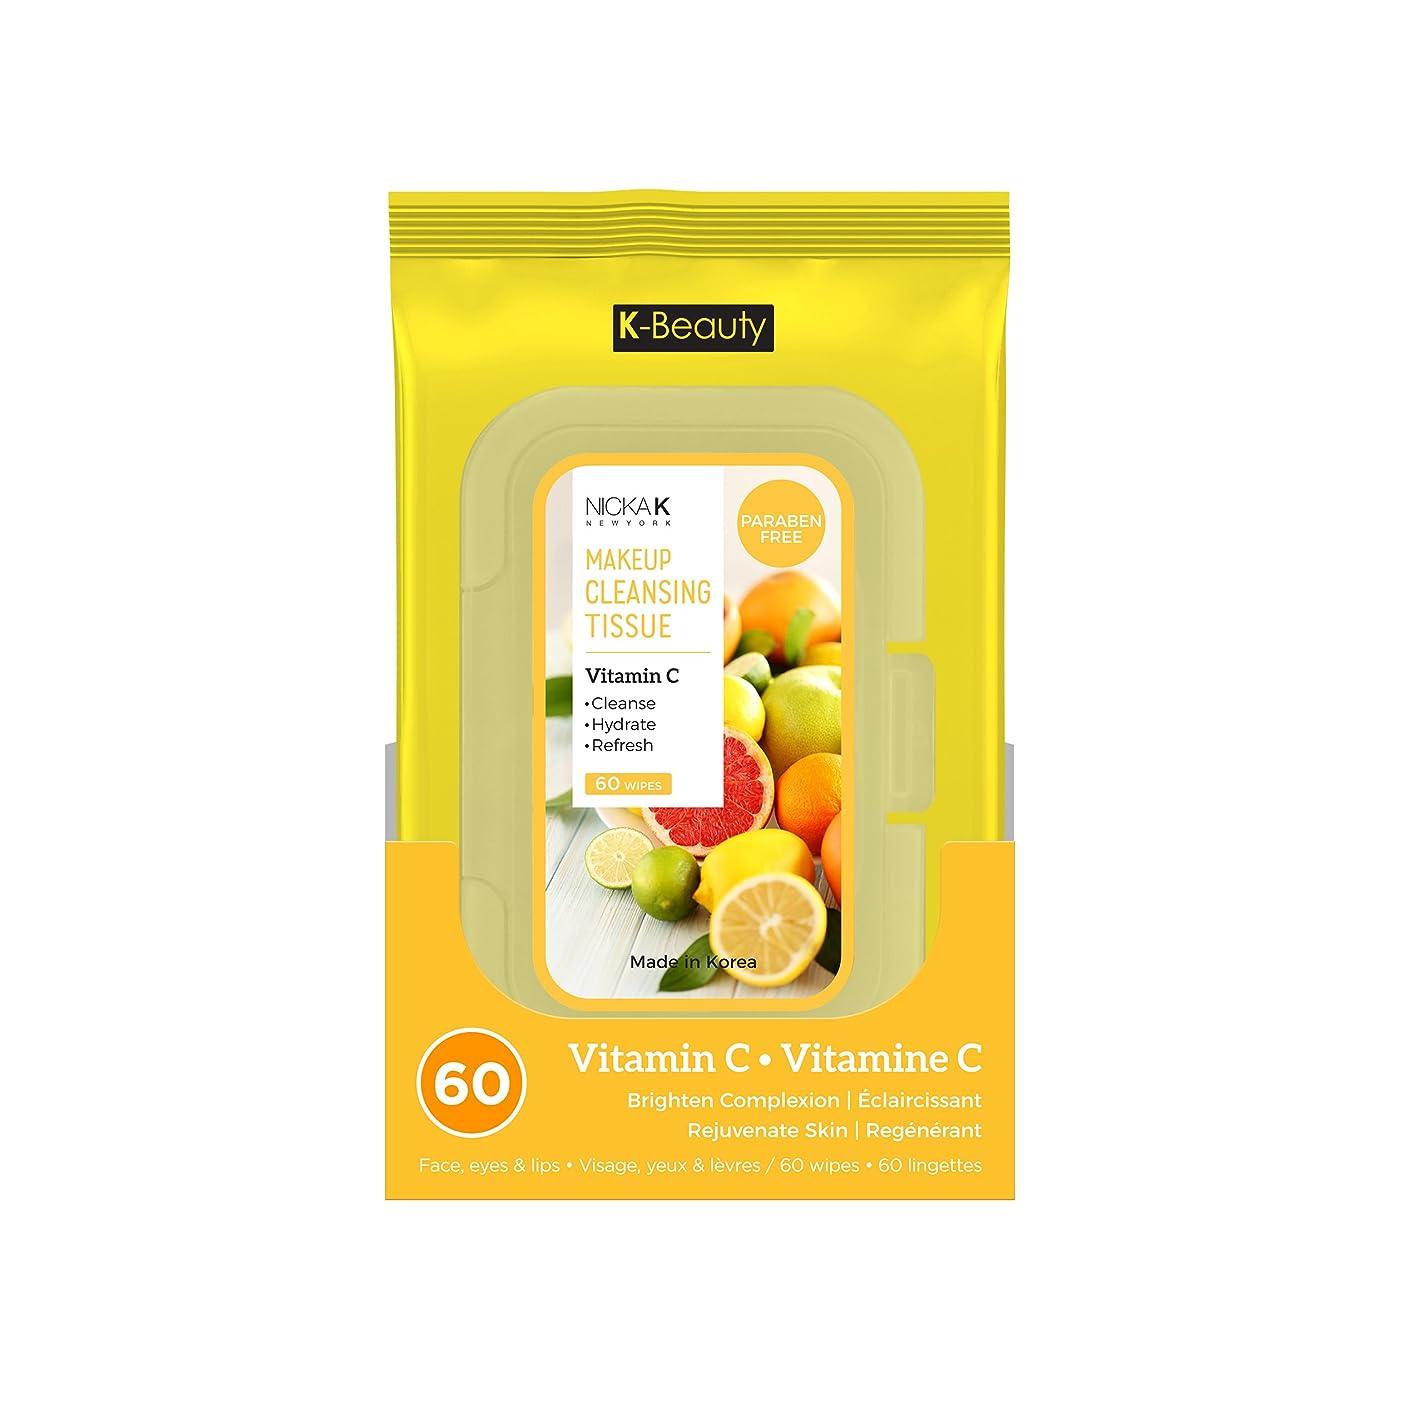 ラフト旅行代理店動員するNICKA K Make Up Cleansing Tissue - Vitamin C (並行輸入品)